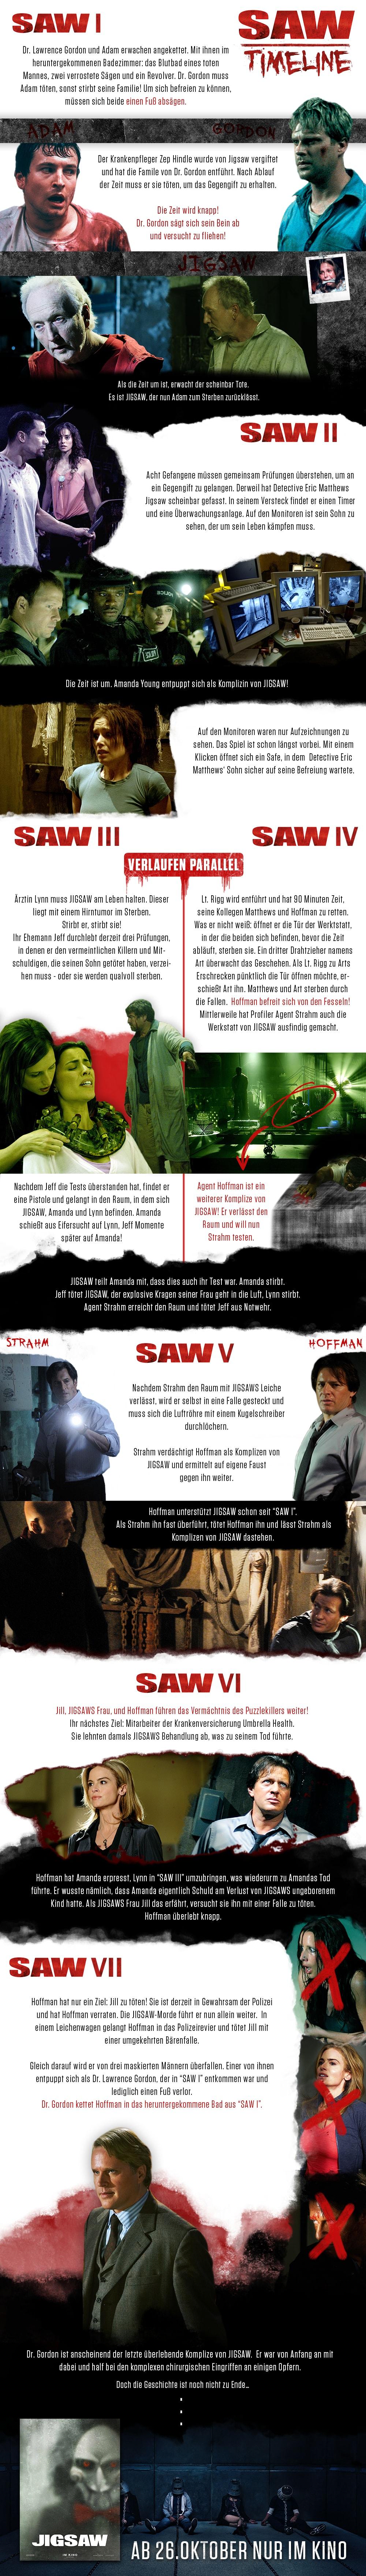 SAW Timeline